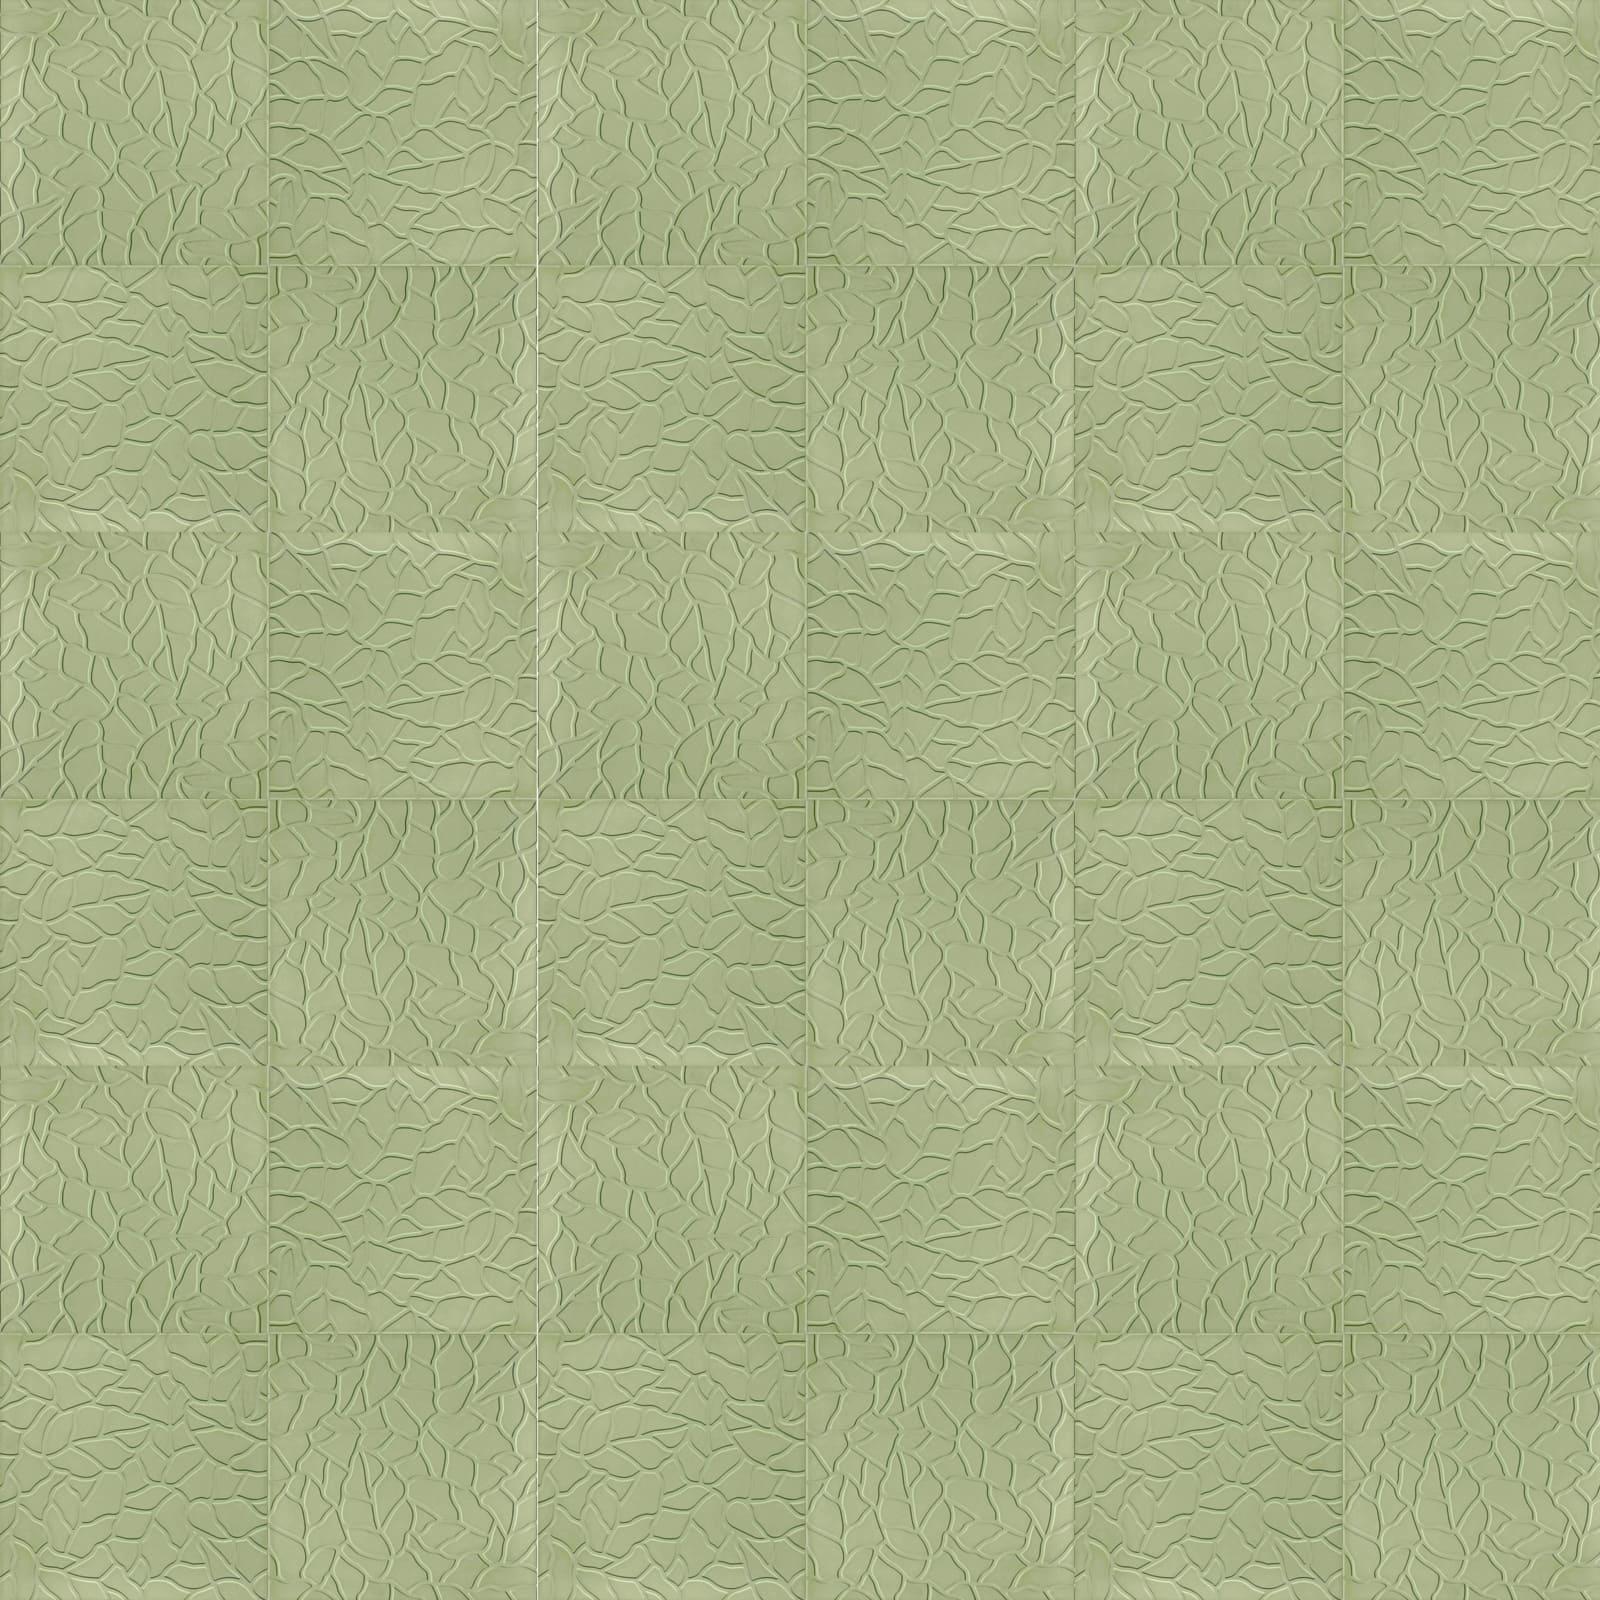 zementfliesen-terrazzofliesen-kreidefarbe-terrazzo-fugenlos-viaplatten-40621-verlegemuster | 40621